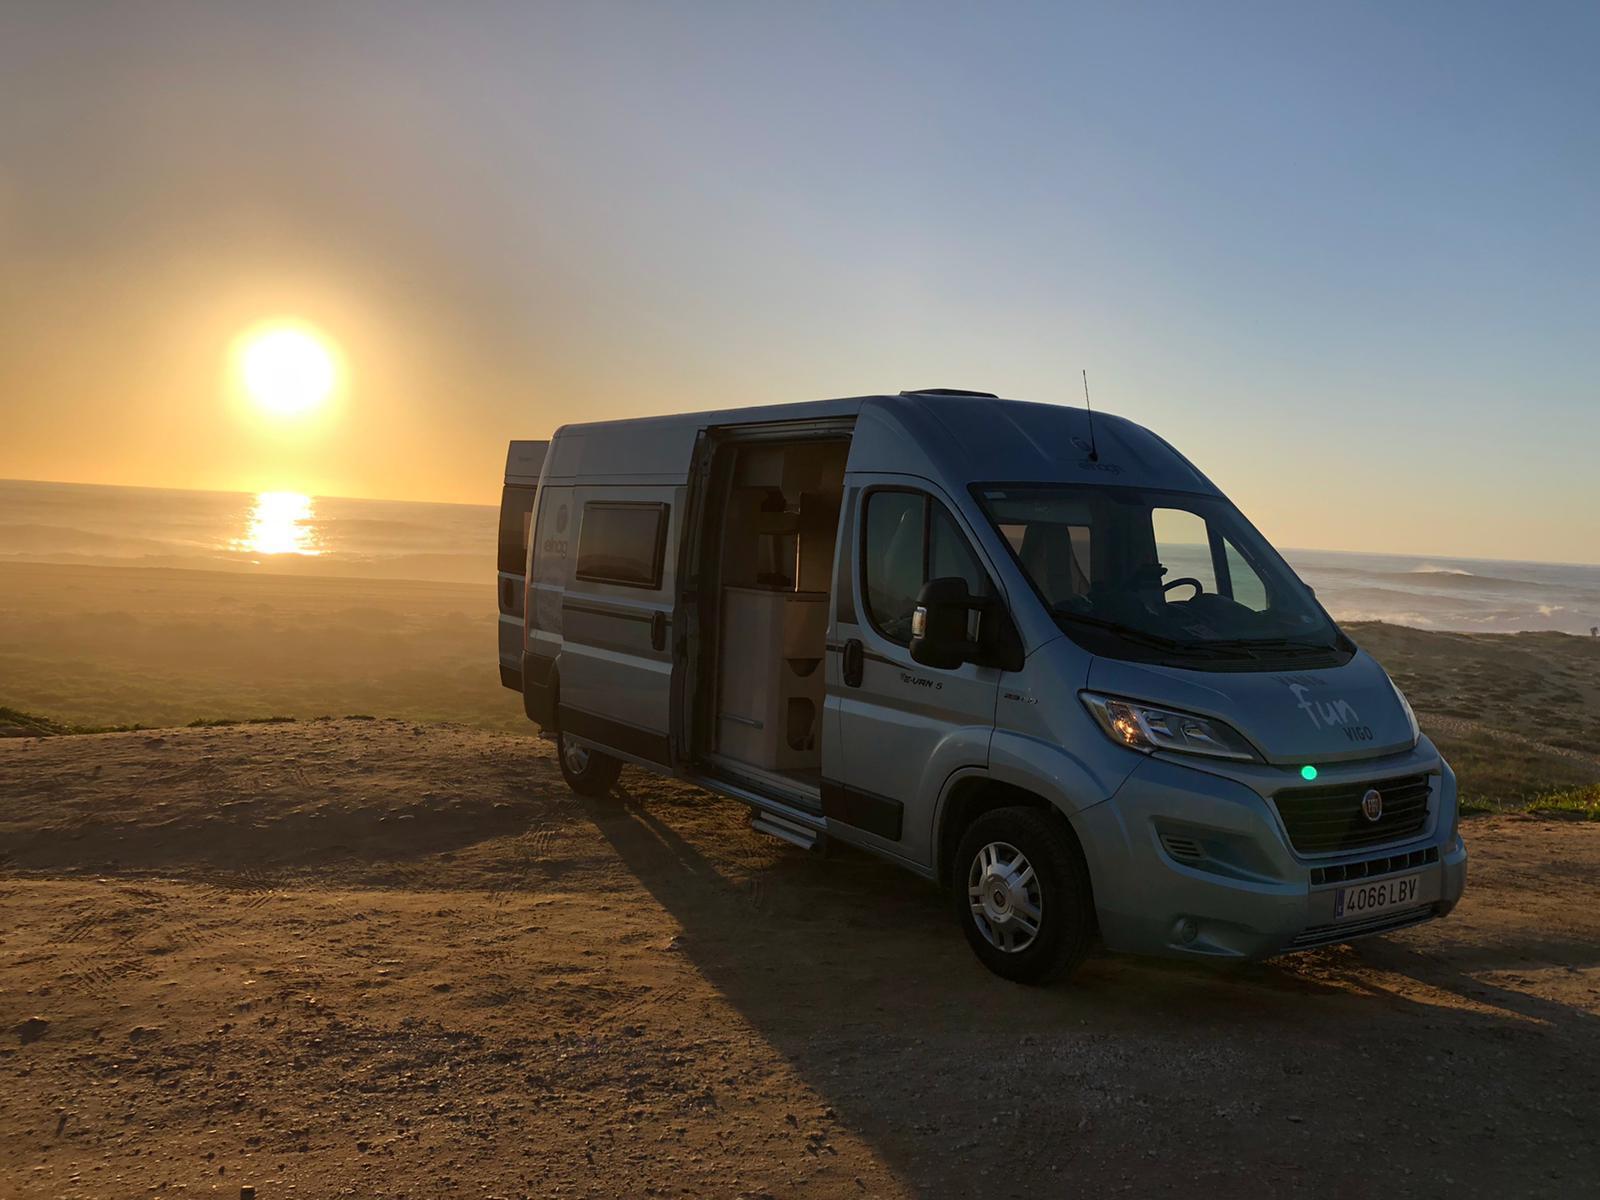 autocaravana y puesta de sol